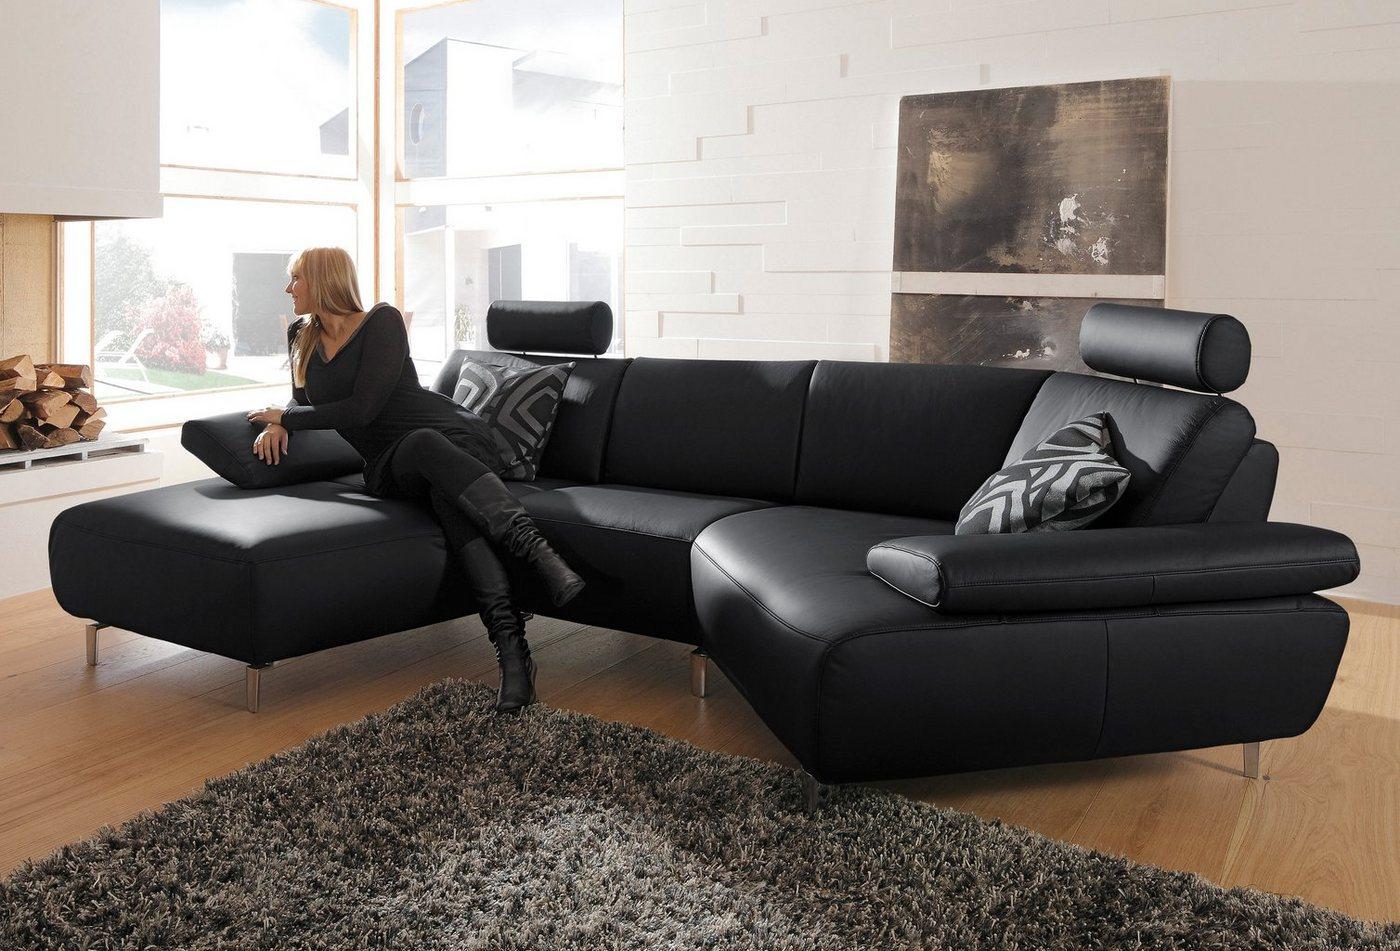 ADA premium Wohnlandschaft »Rooney«, wahlweise mit Schweberelax-Funktion | Wohnzimmer > Sofas & Couches > Wohnlandschaften | Schwarz | ADA premium